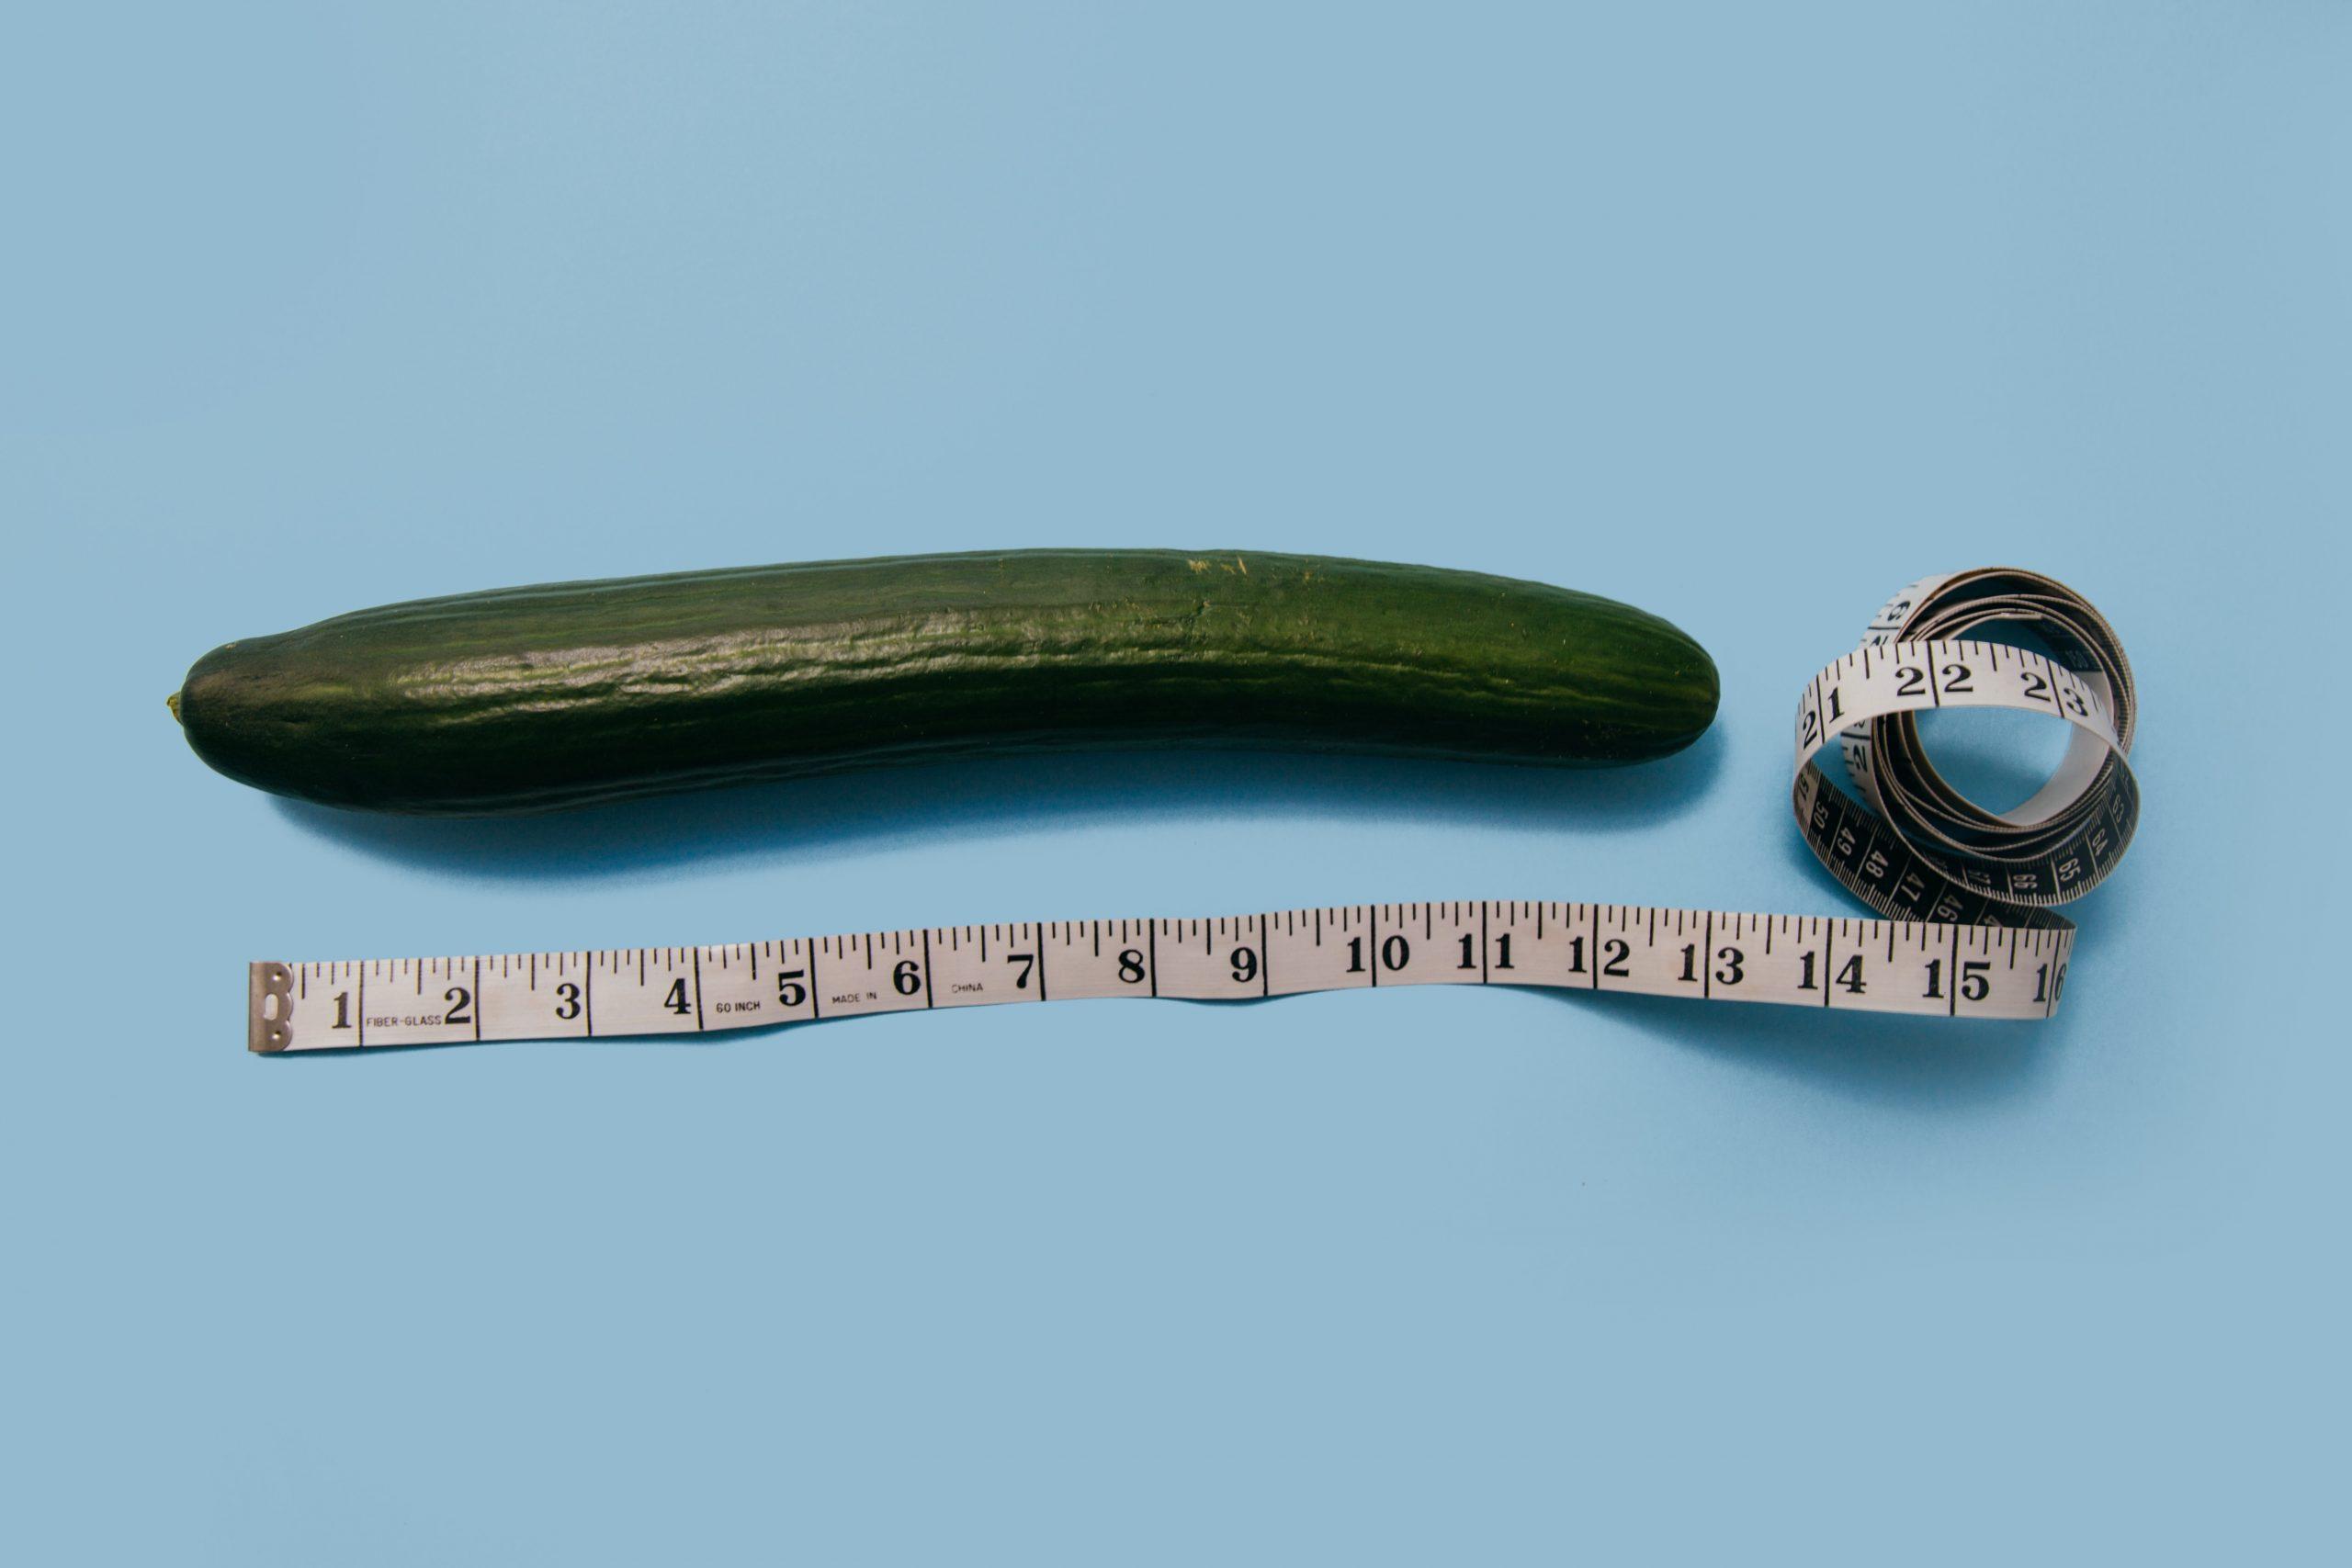 milyen méretű péniszre van szükség az erekció nagyon gyorsan eltűnik